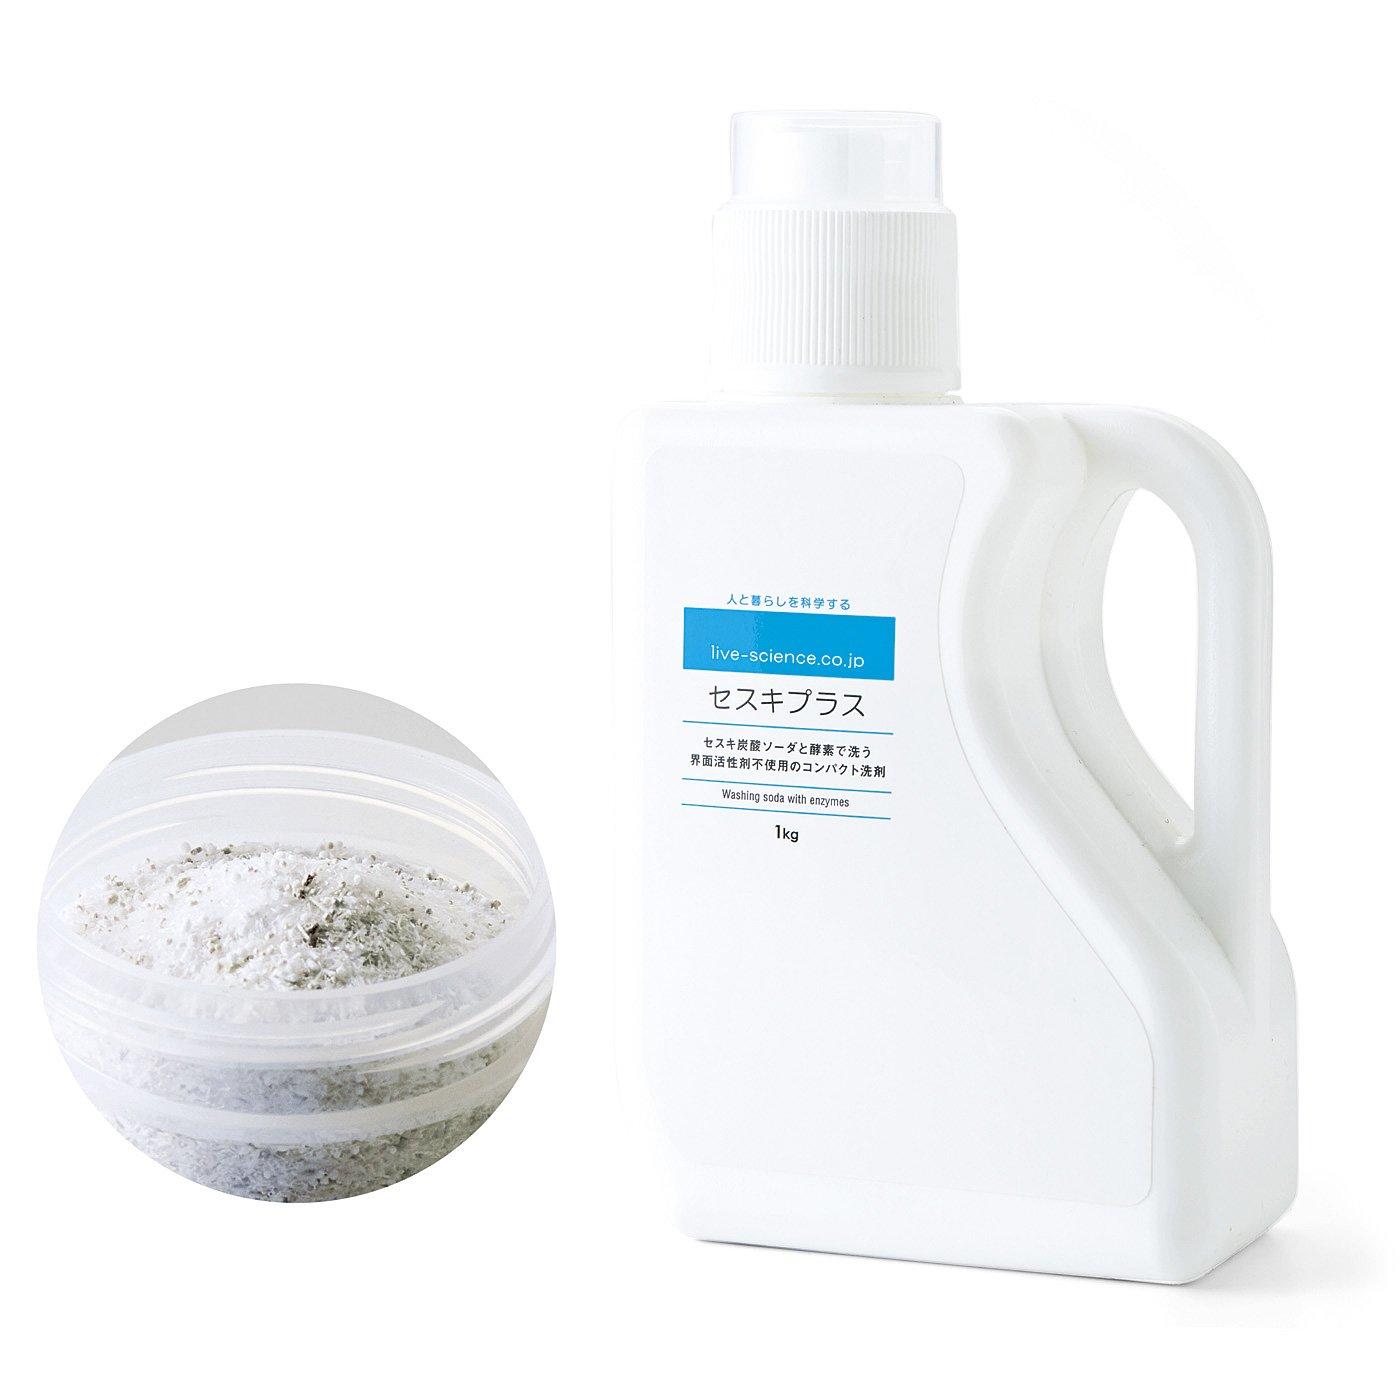 無機質成分だけで作った洗濯洗剤 セスキプラス〈無香料〉1kgの会